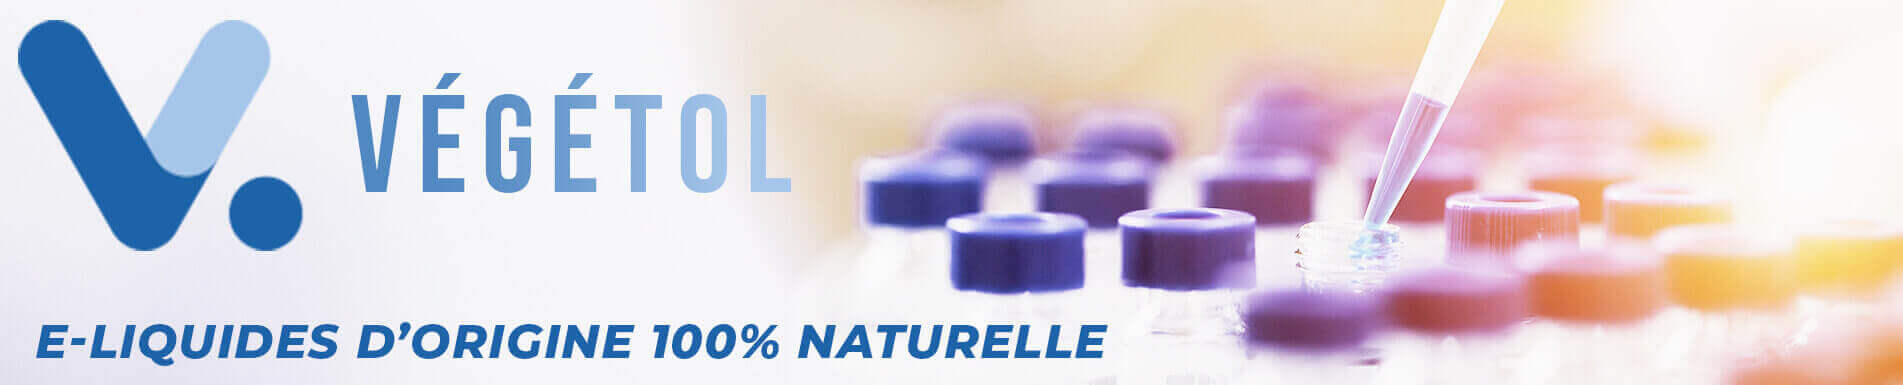 E-liquide Vegetol